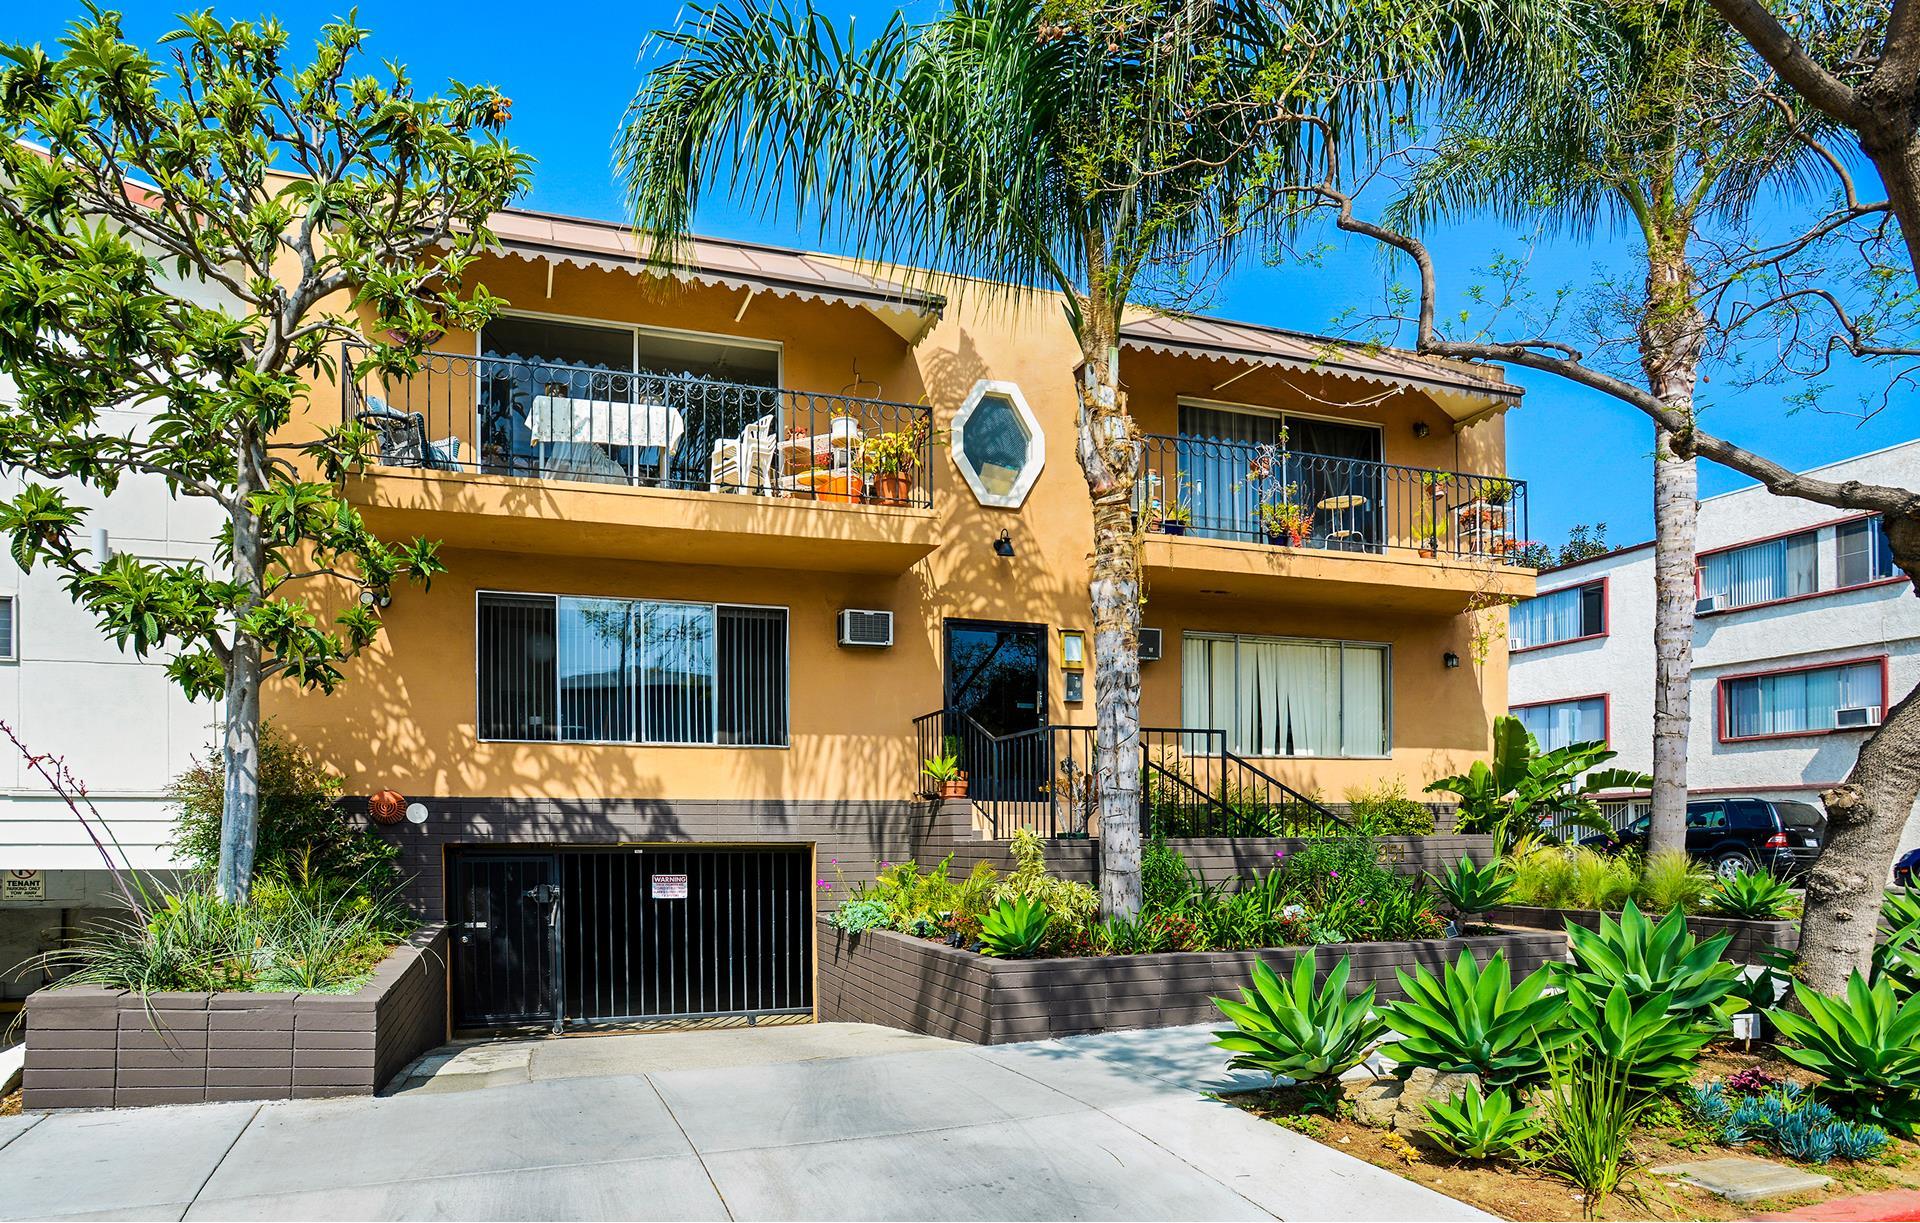 951 N GARDNER Street, 1 - West Hollywood, California